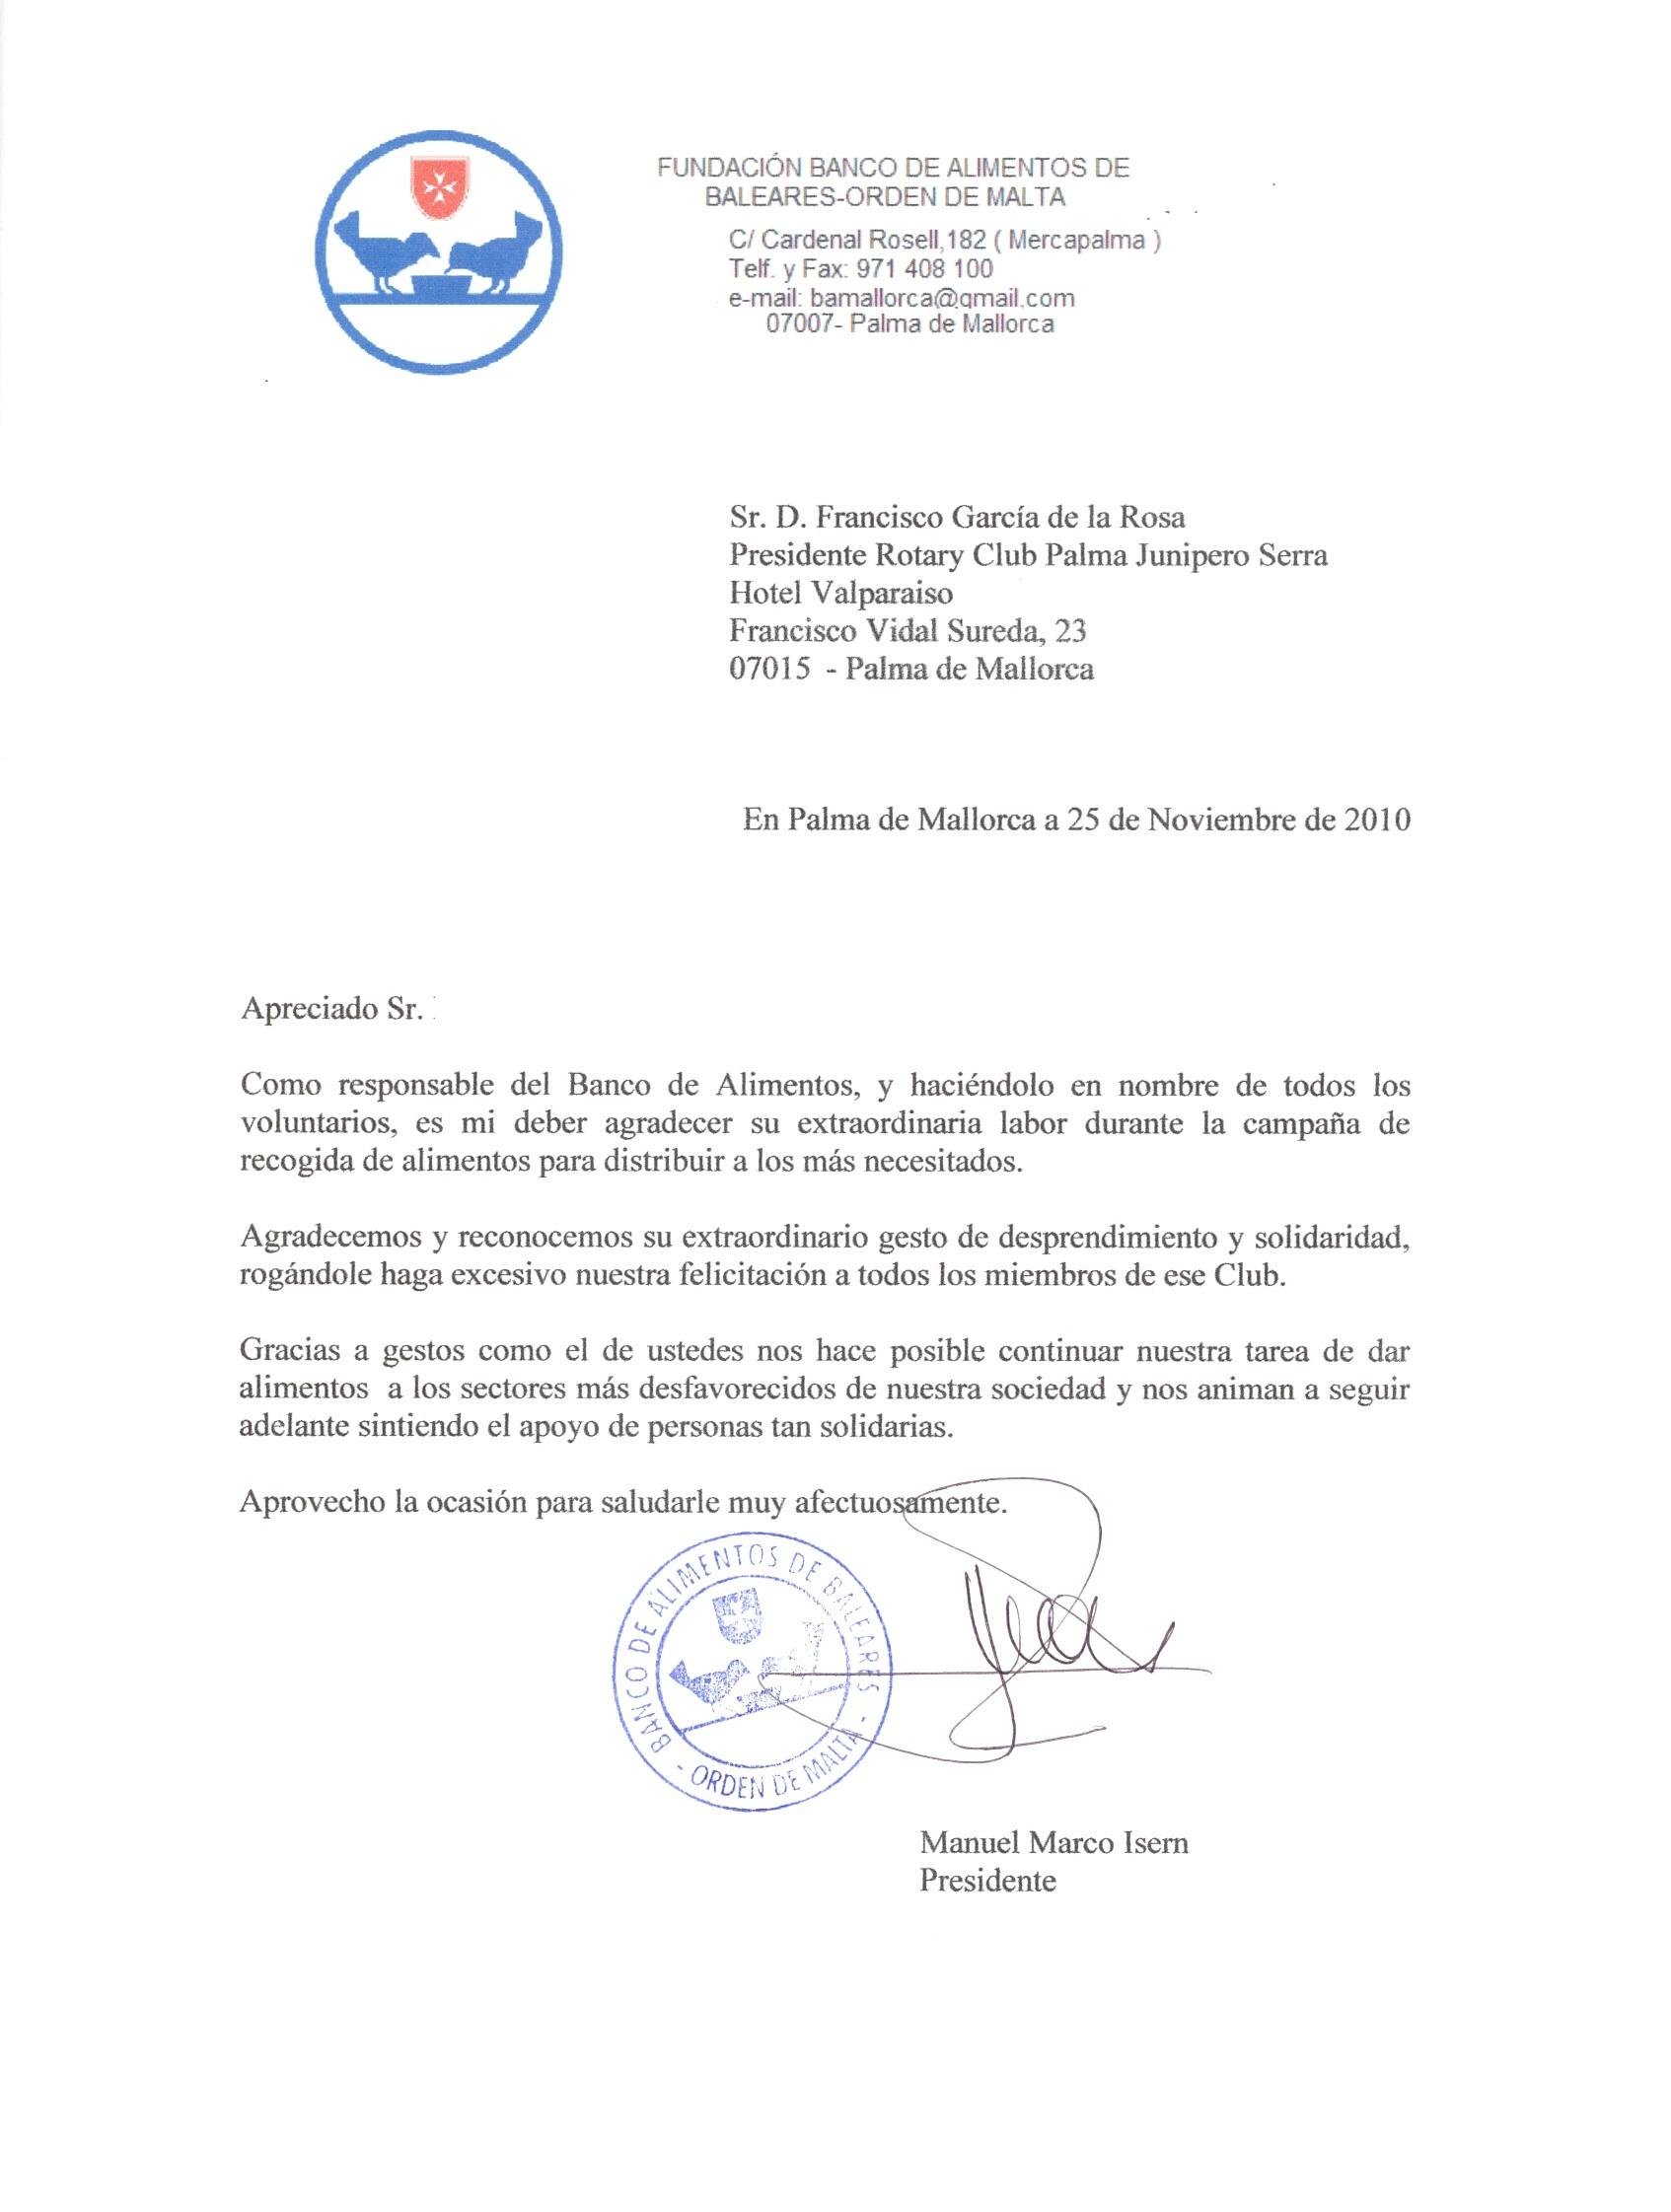 Poema 3 carta de agradecimiento asociaci 211 n de pacientes coronarios nazarena carta de - Banco de alimentos wikipedia ...